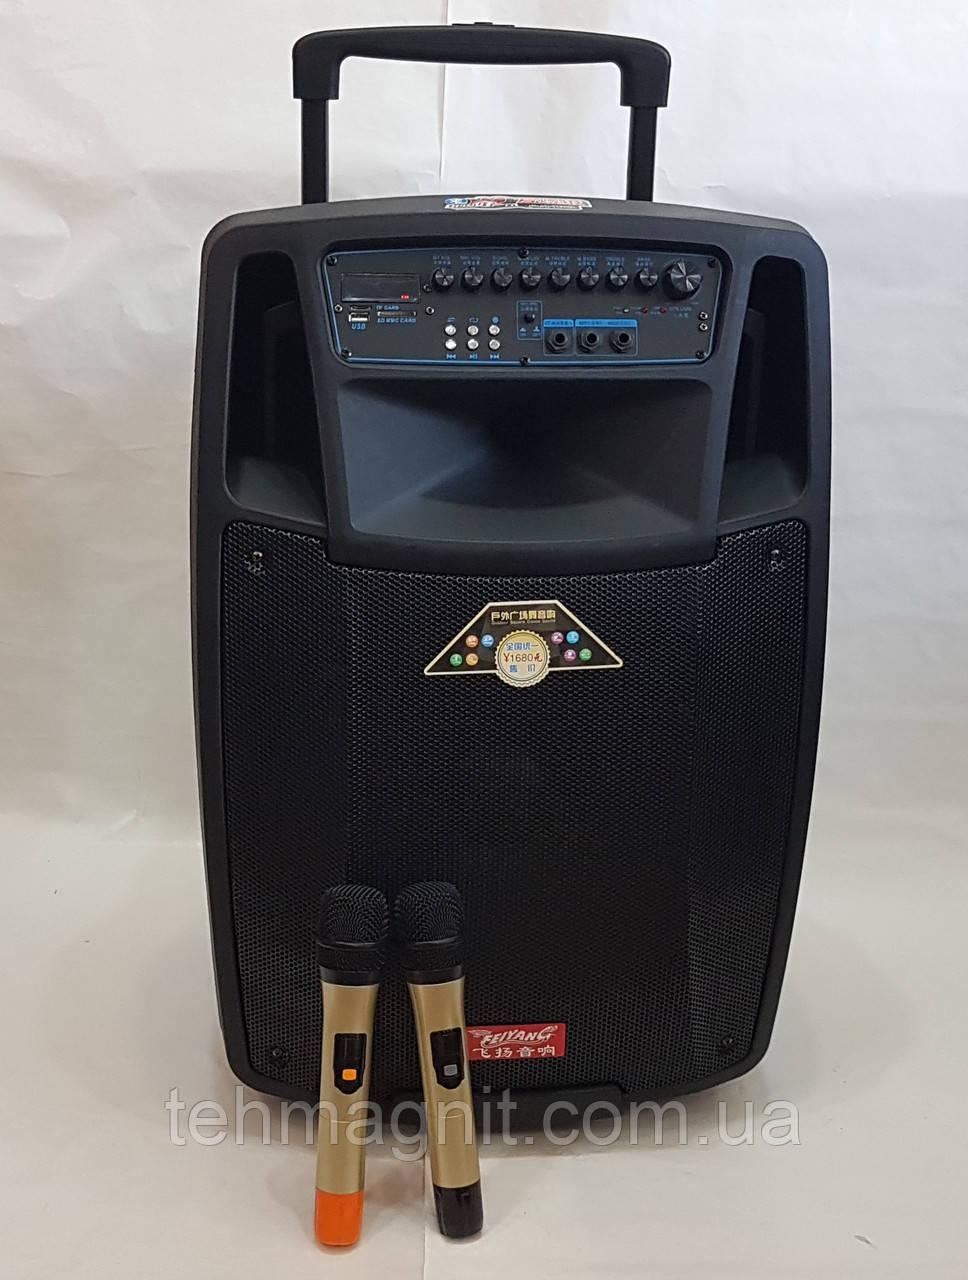 Акустика портативная SL15-01 с микрофонами 400W (USB/Bluetooth/Пульт ДУ)